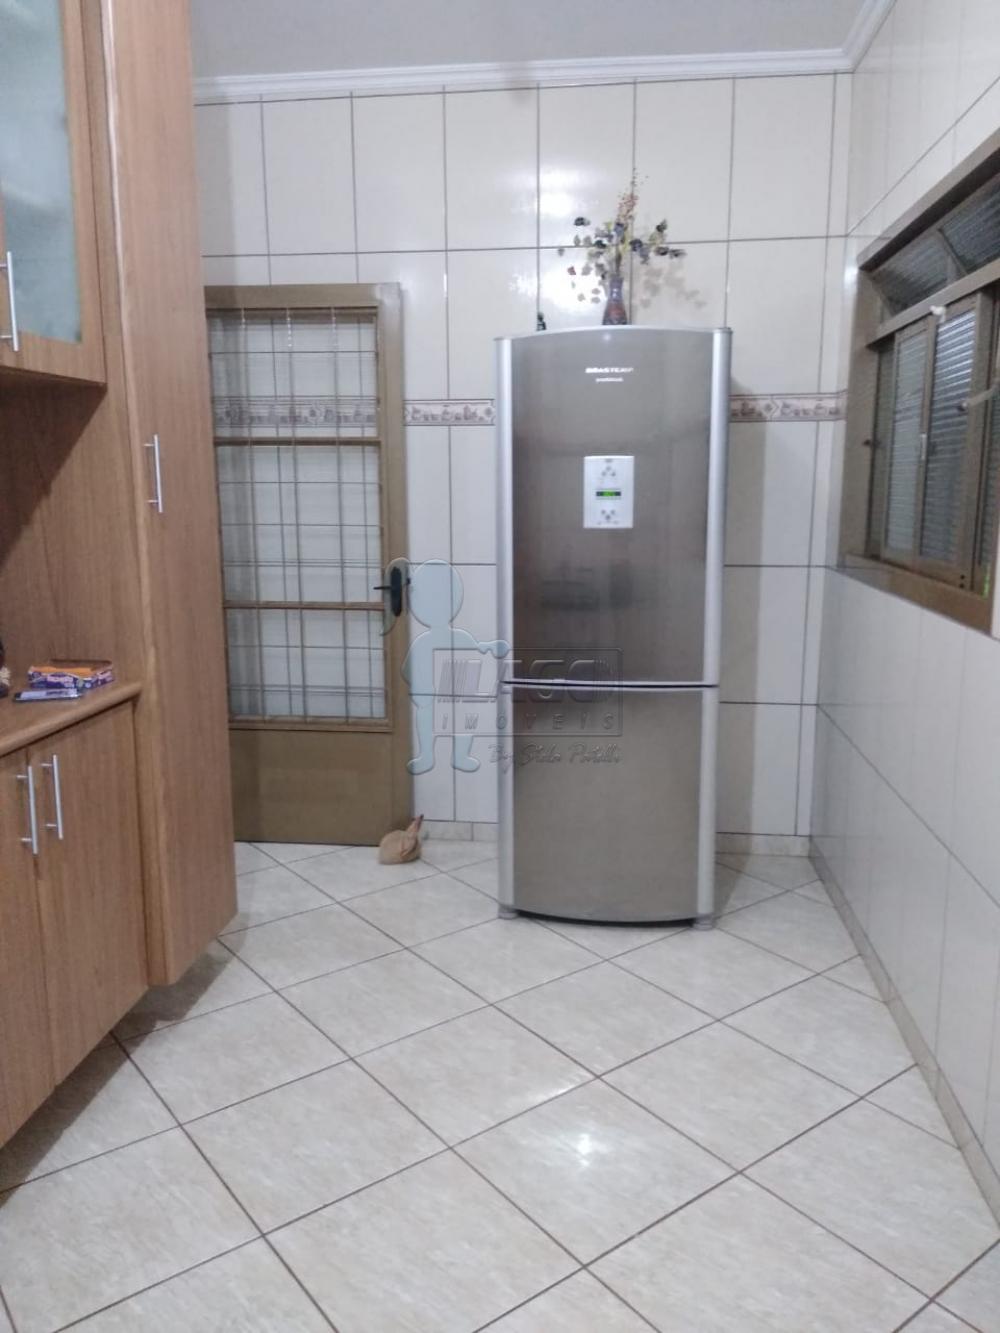 Comprar Casas / Padrão em Ribeirão Preto apenas R$ 350.000,00 - Foto 15